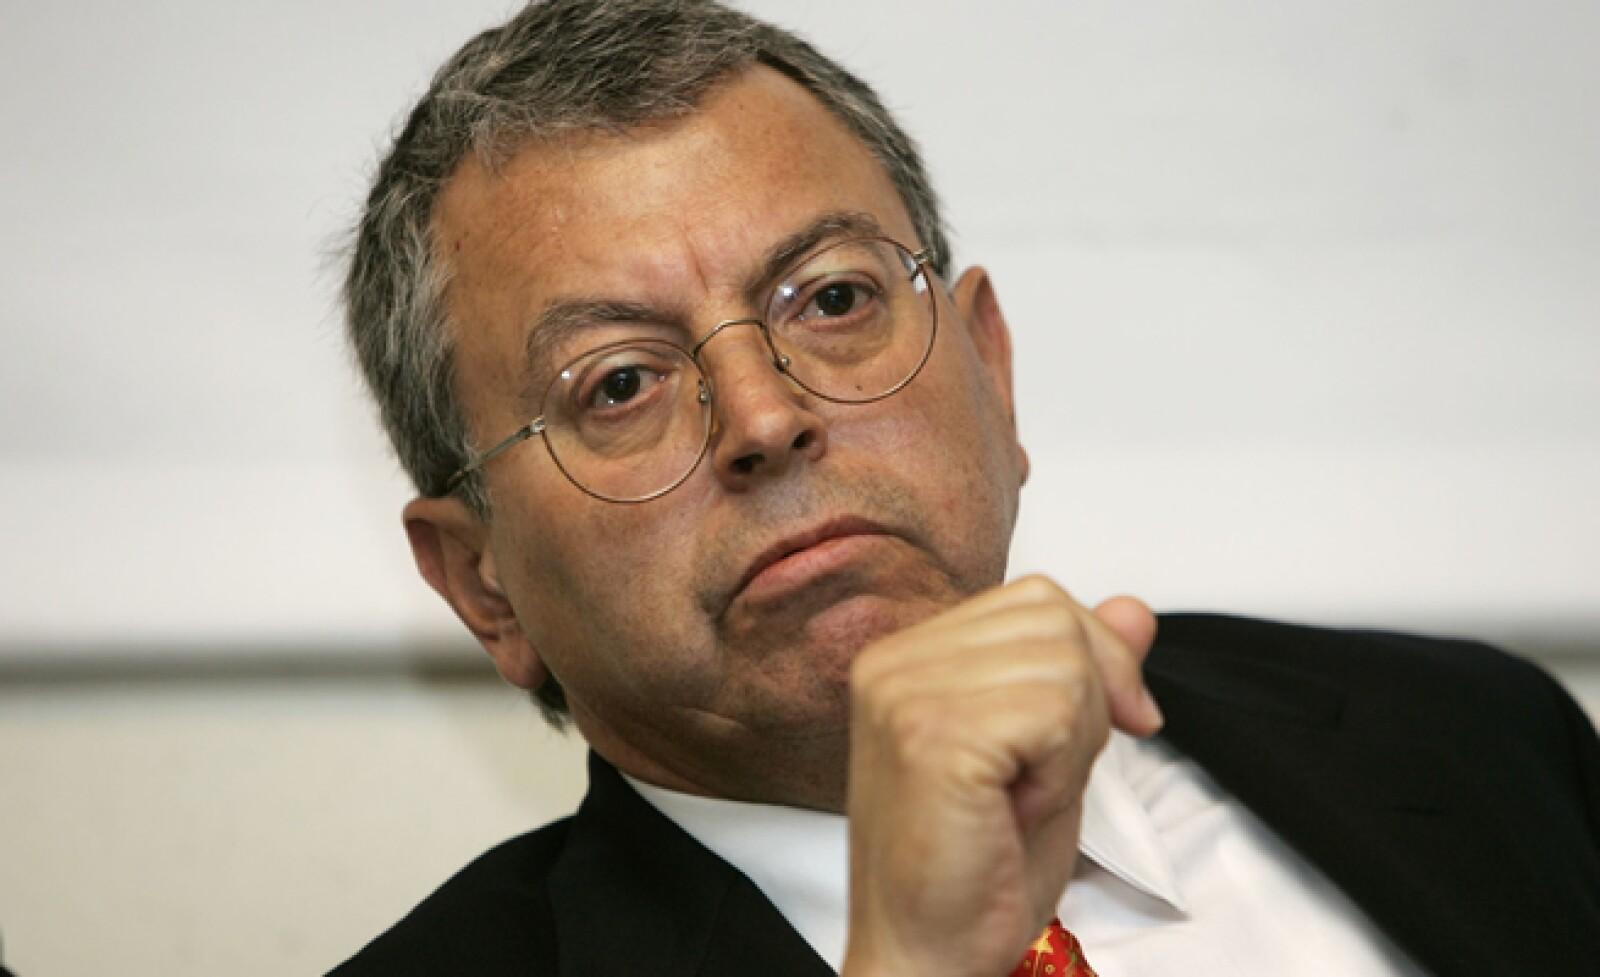 El candidato por el Partido Centro Democrático fue quinto lugar en los comicios del 2000; actualmente dirige una corriente de izquierda ligada al PRD llamada DIA y es candidato a Senador por la vía plurinominal por ese partido.